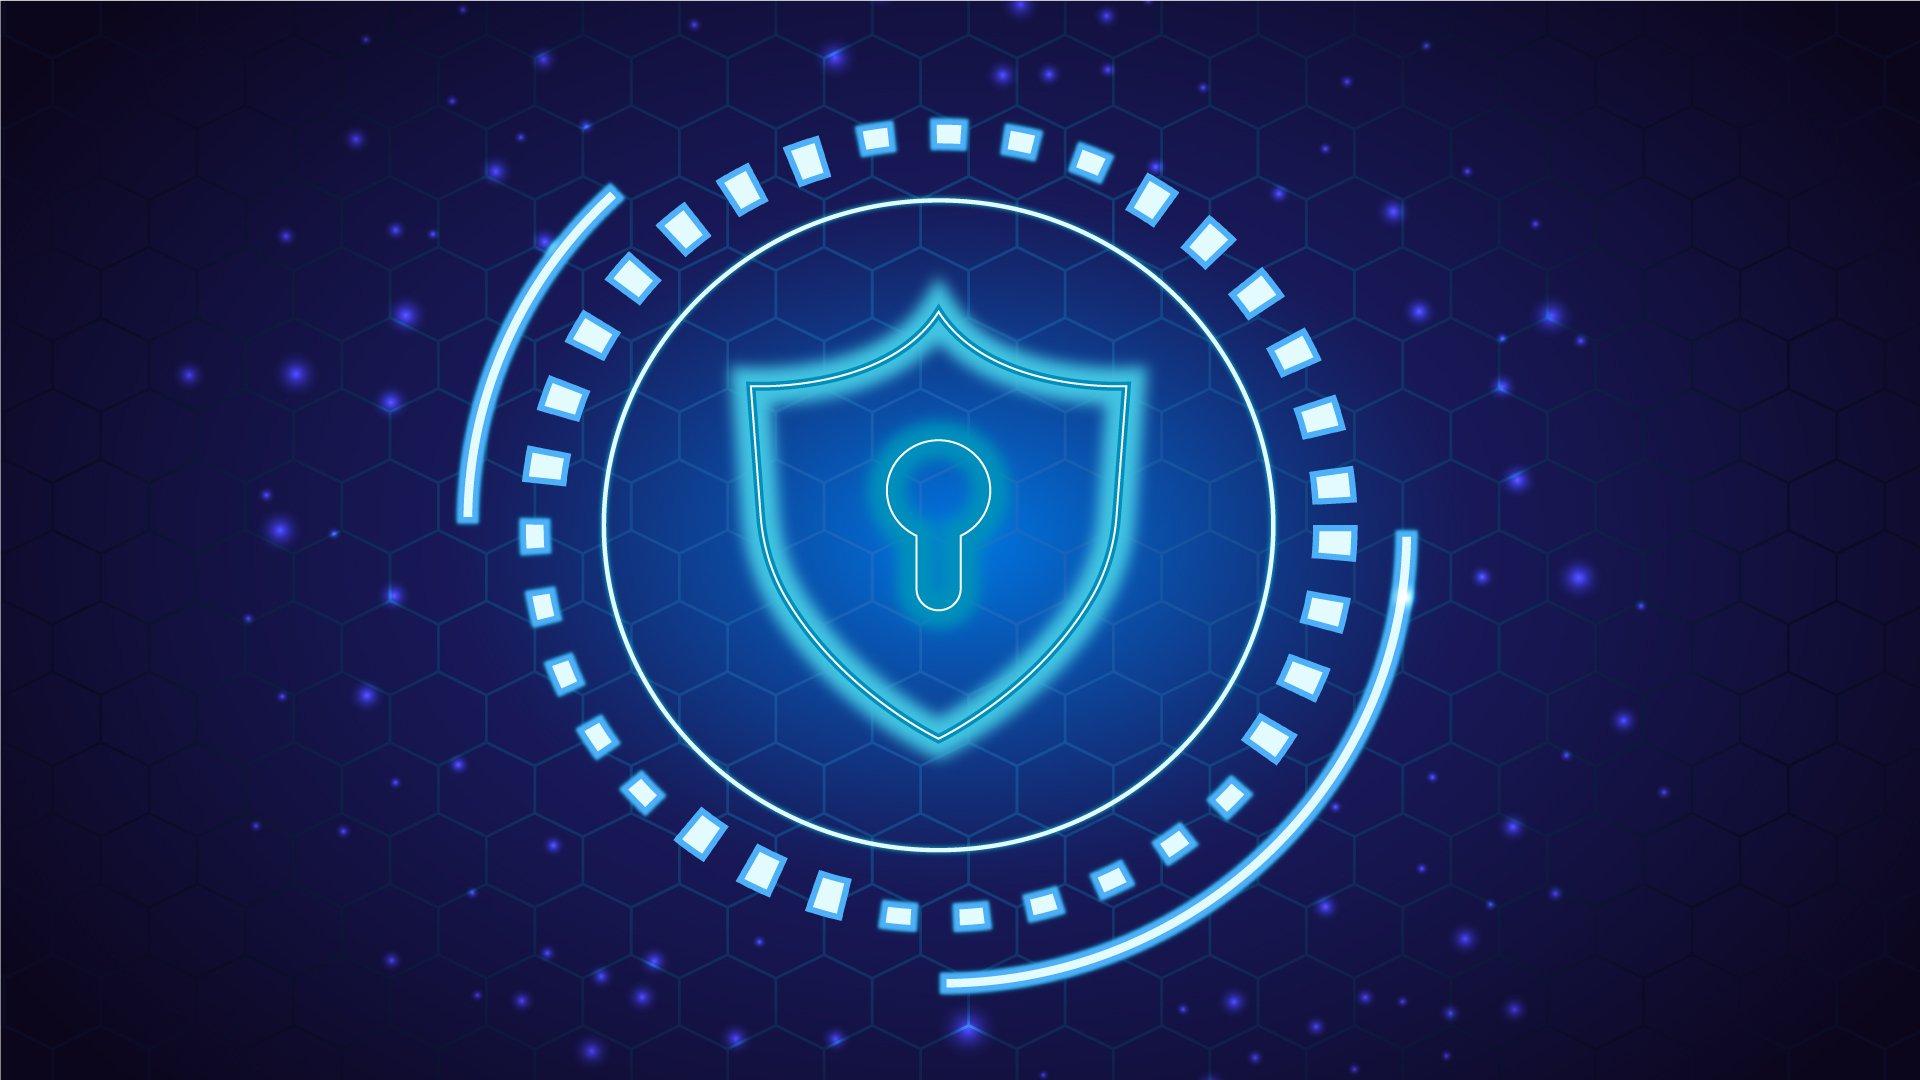 Detalles sobre el curso VPS Seguro en Ubuntu 20.04 con Letsencrypt, Cloudflare y más